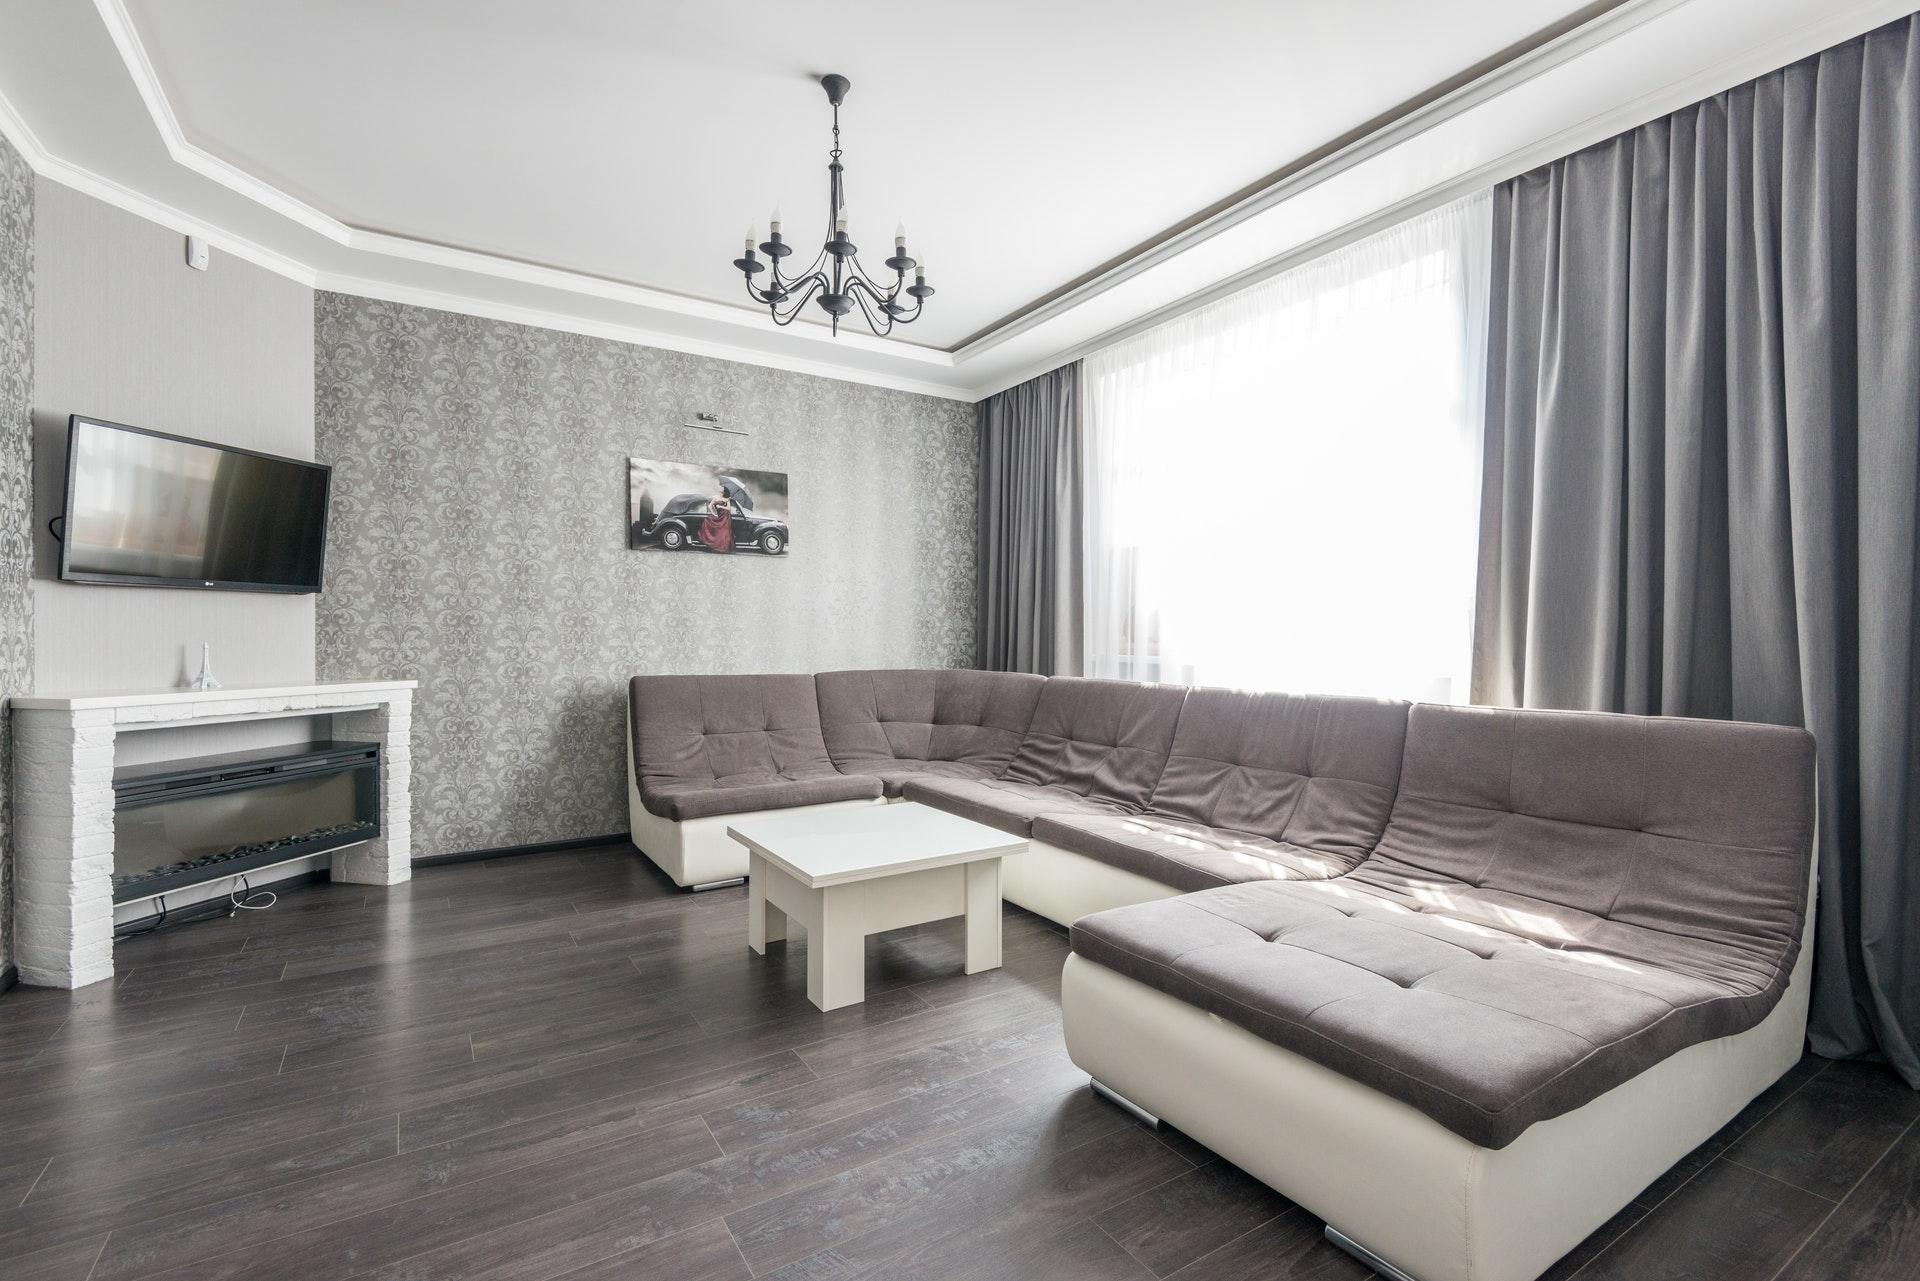 grijze bank in woonkamer